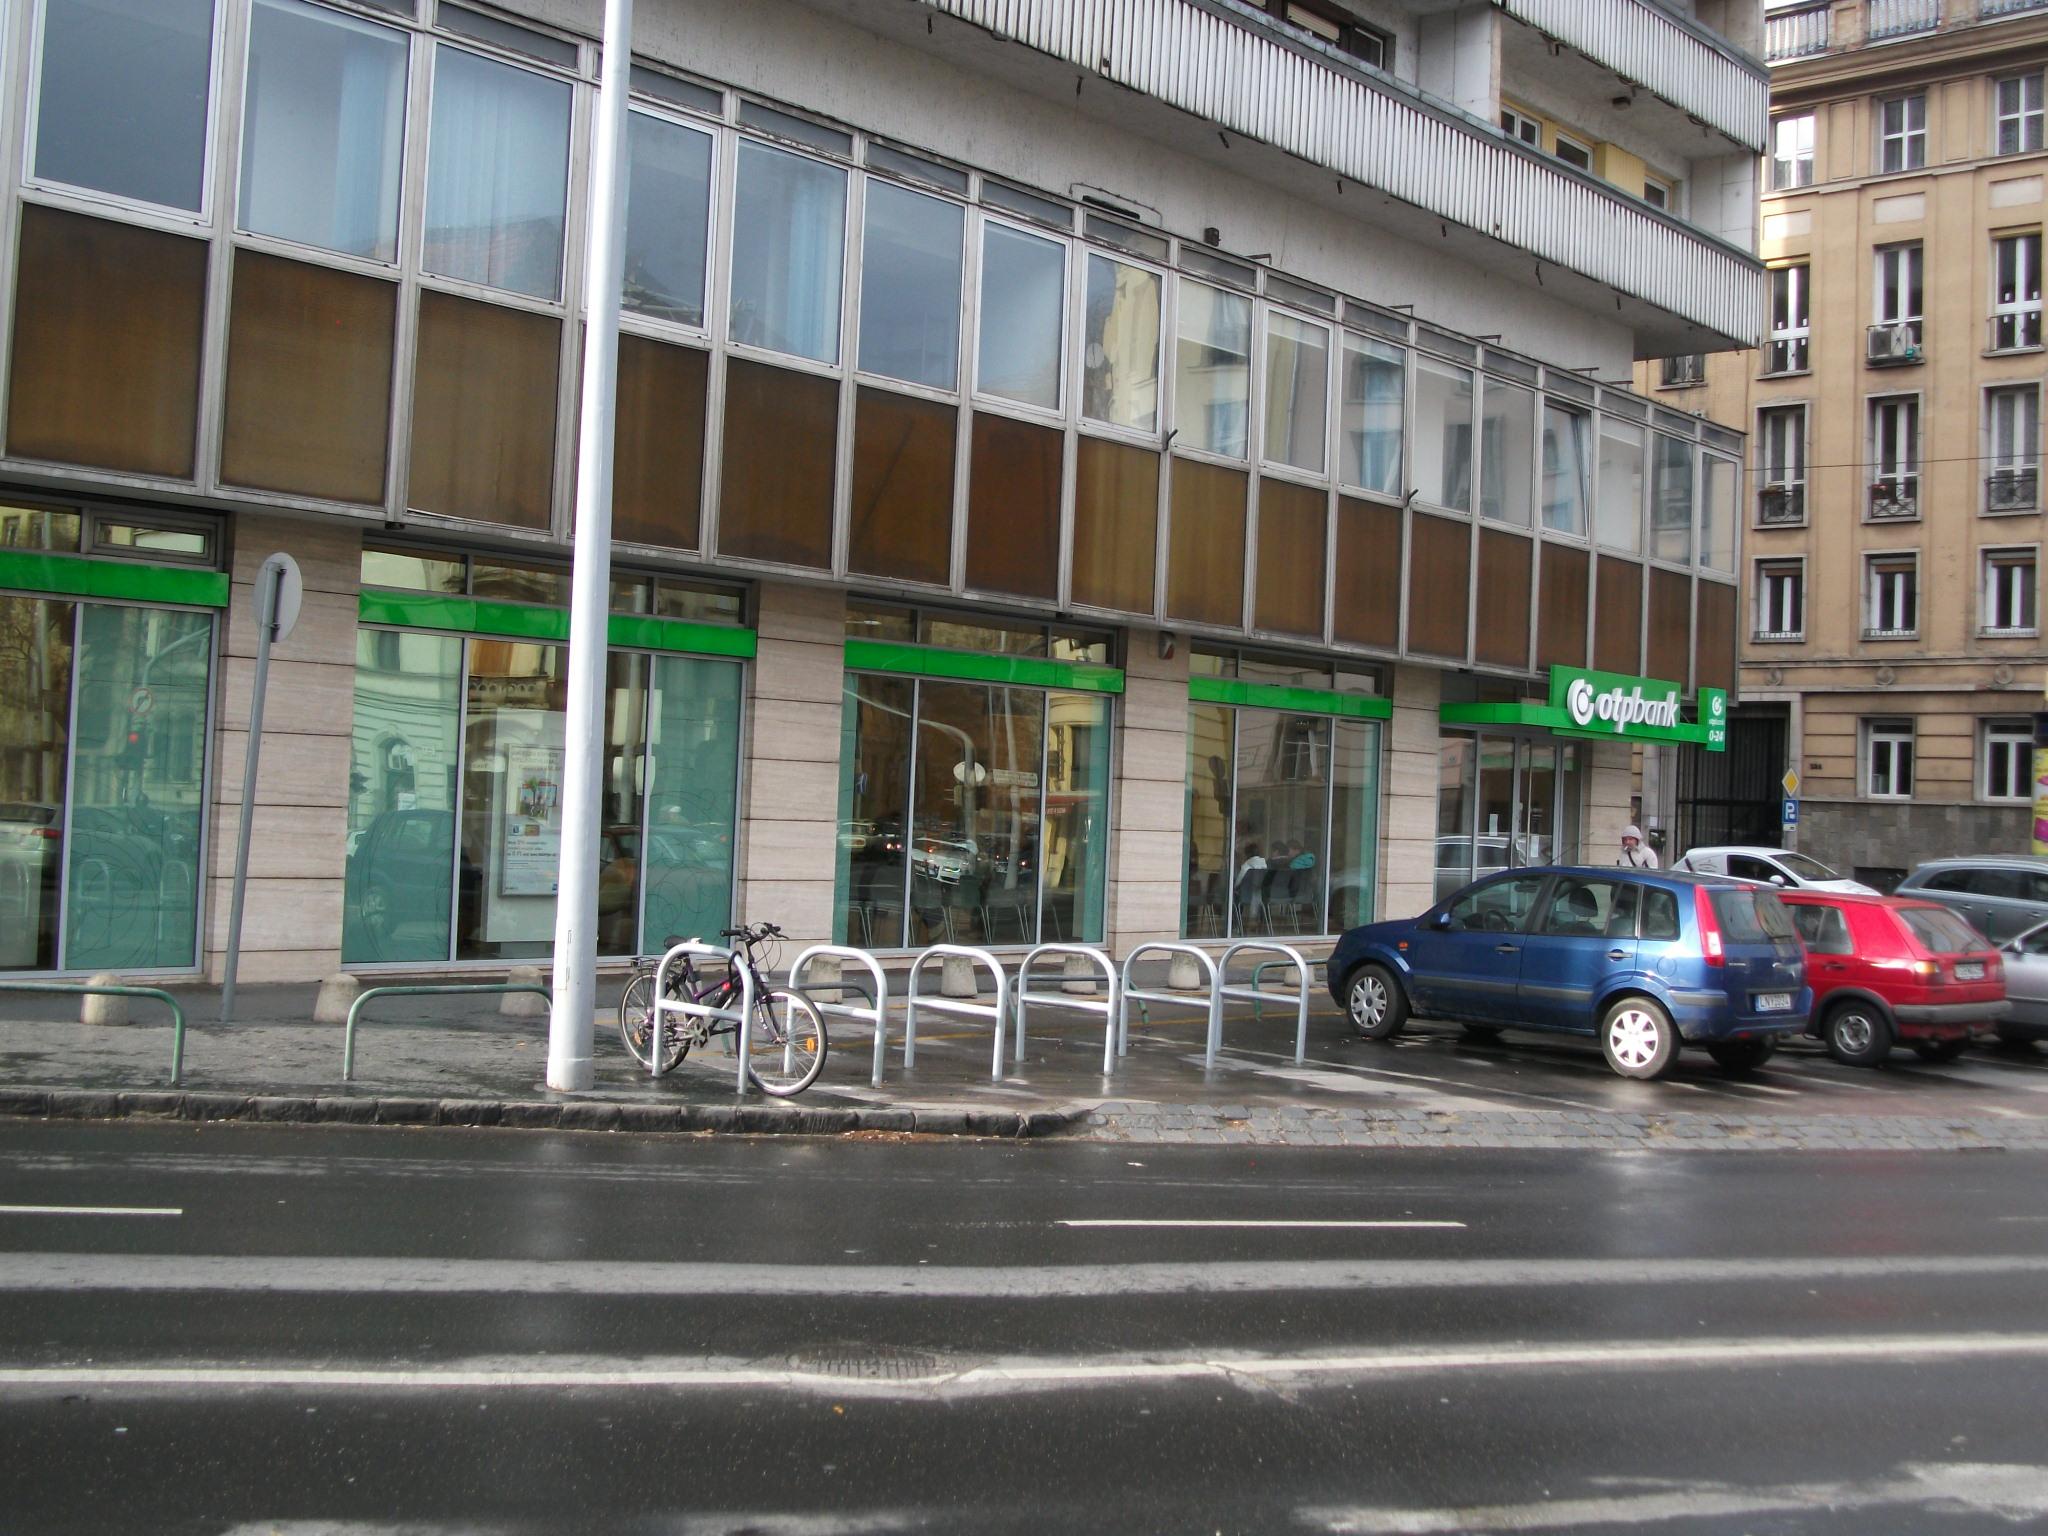 Krisztina tér, Alagút utca